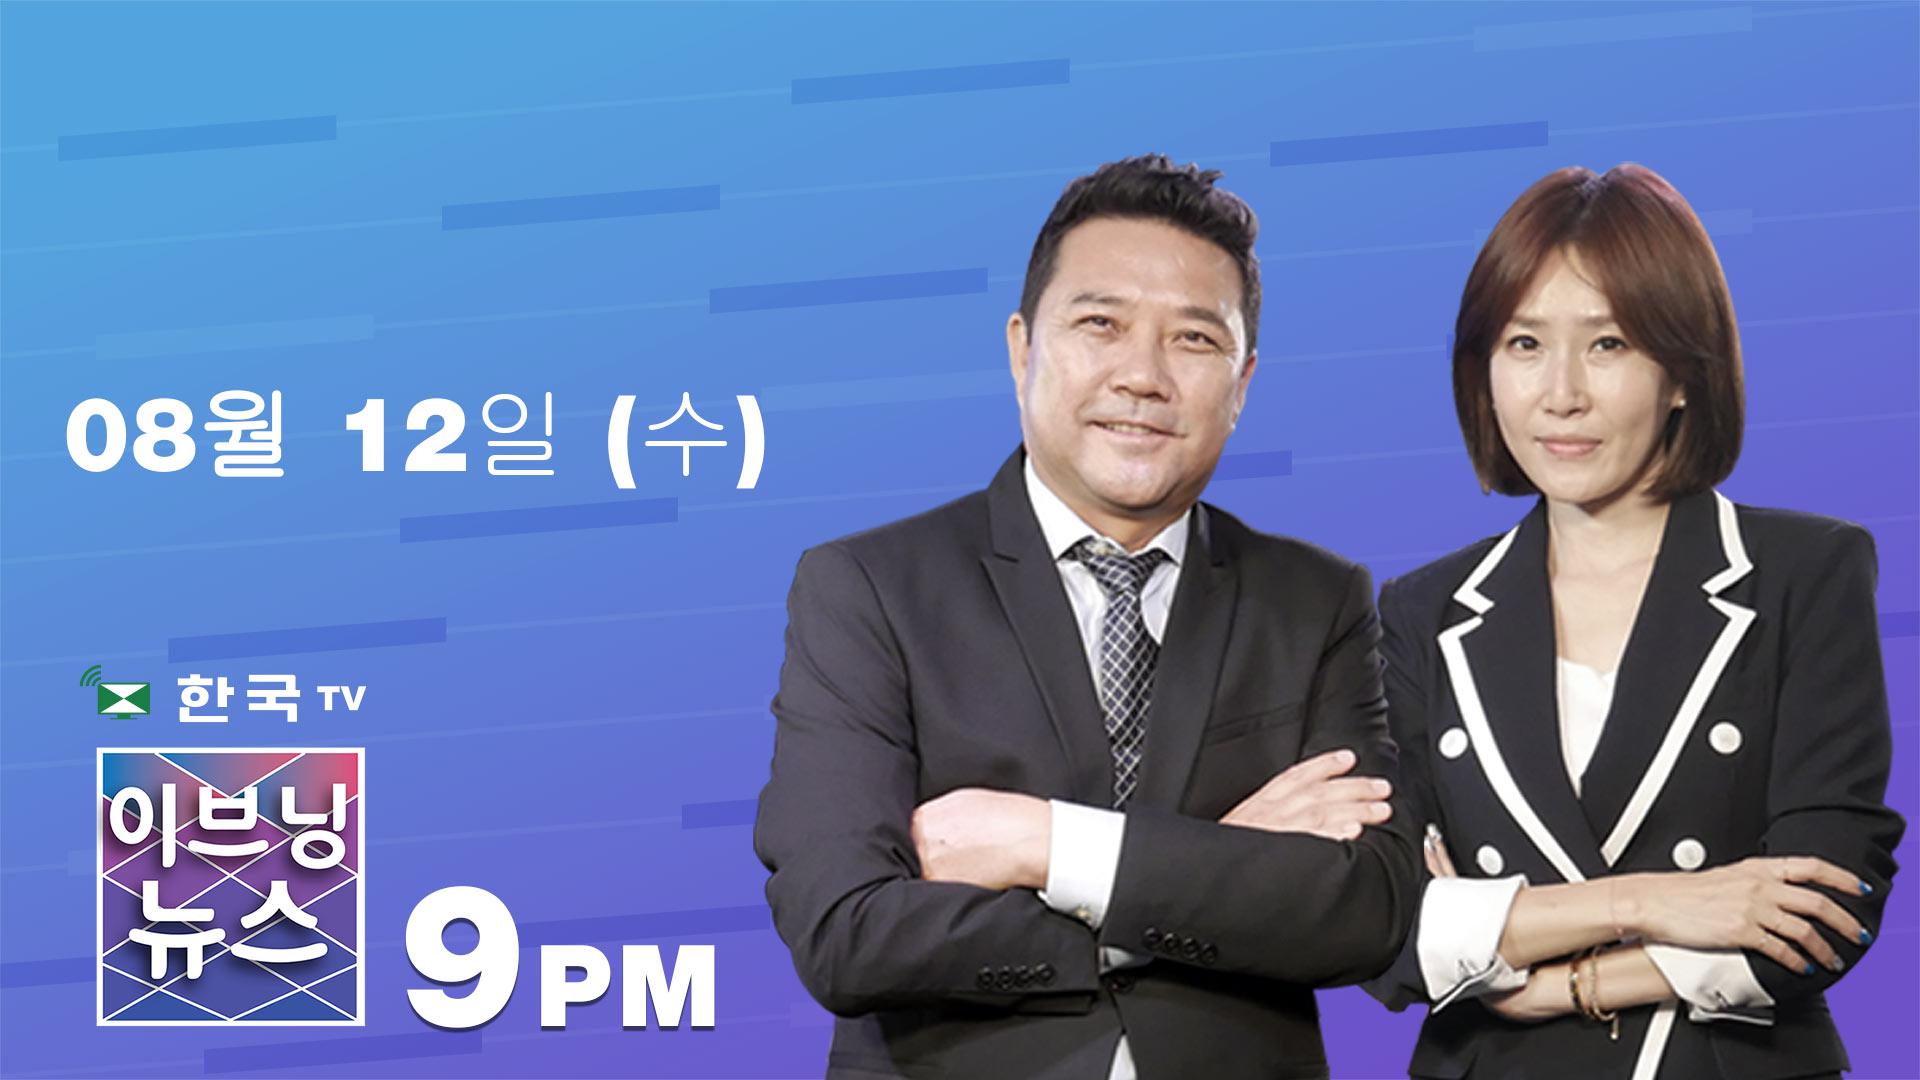 (08.12.2020) 한국TV 이브닝 뉴스